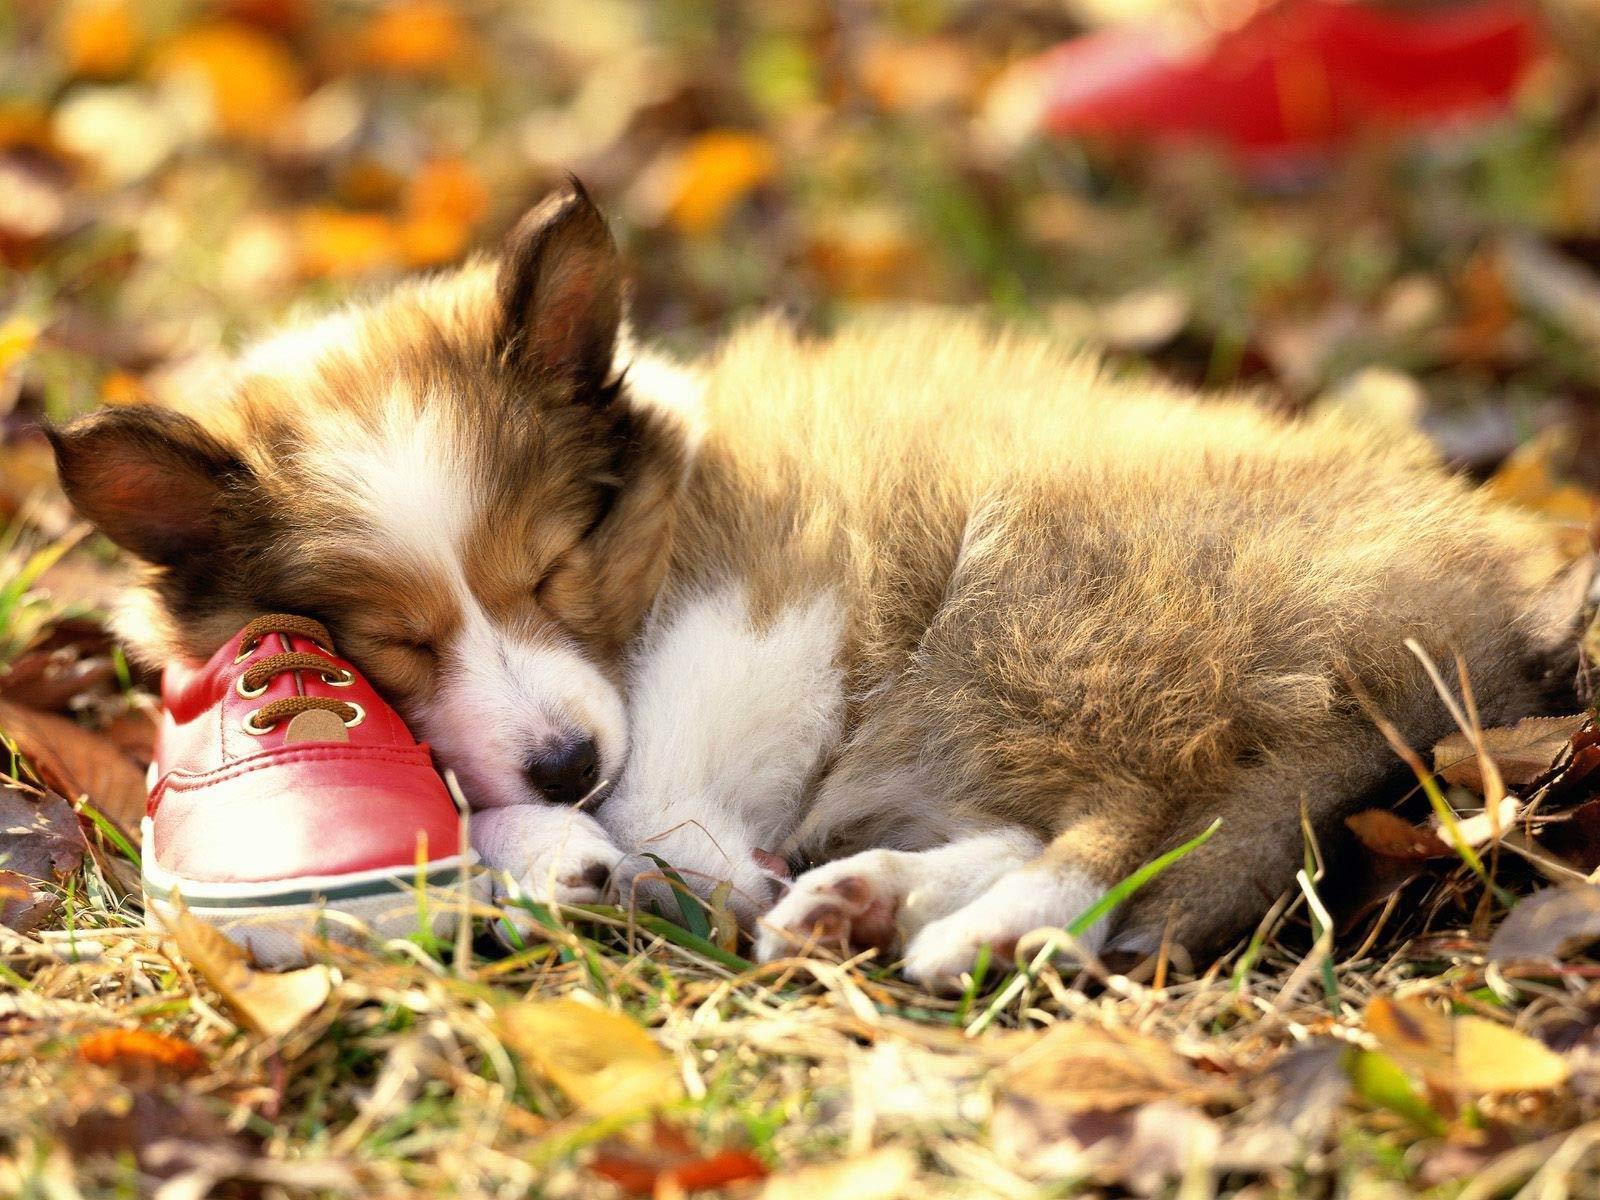 Sleeping in leavs